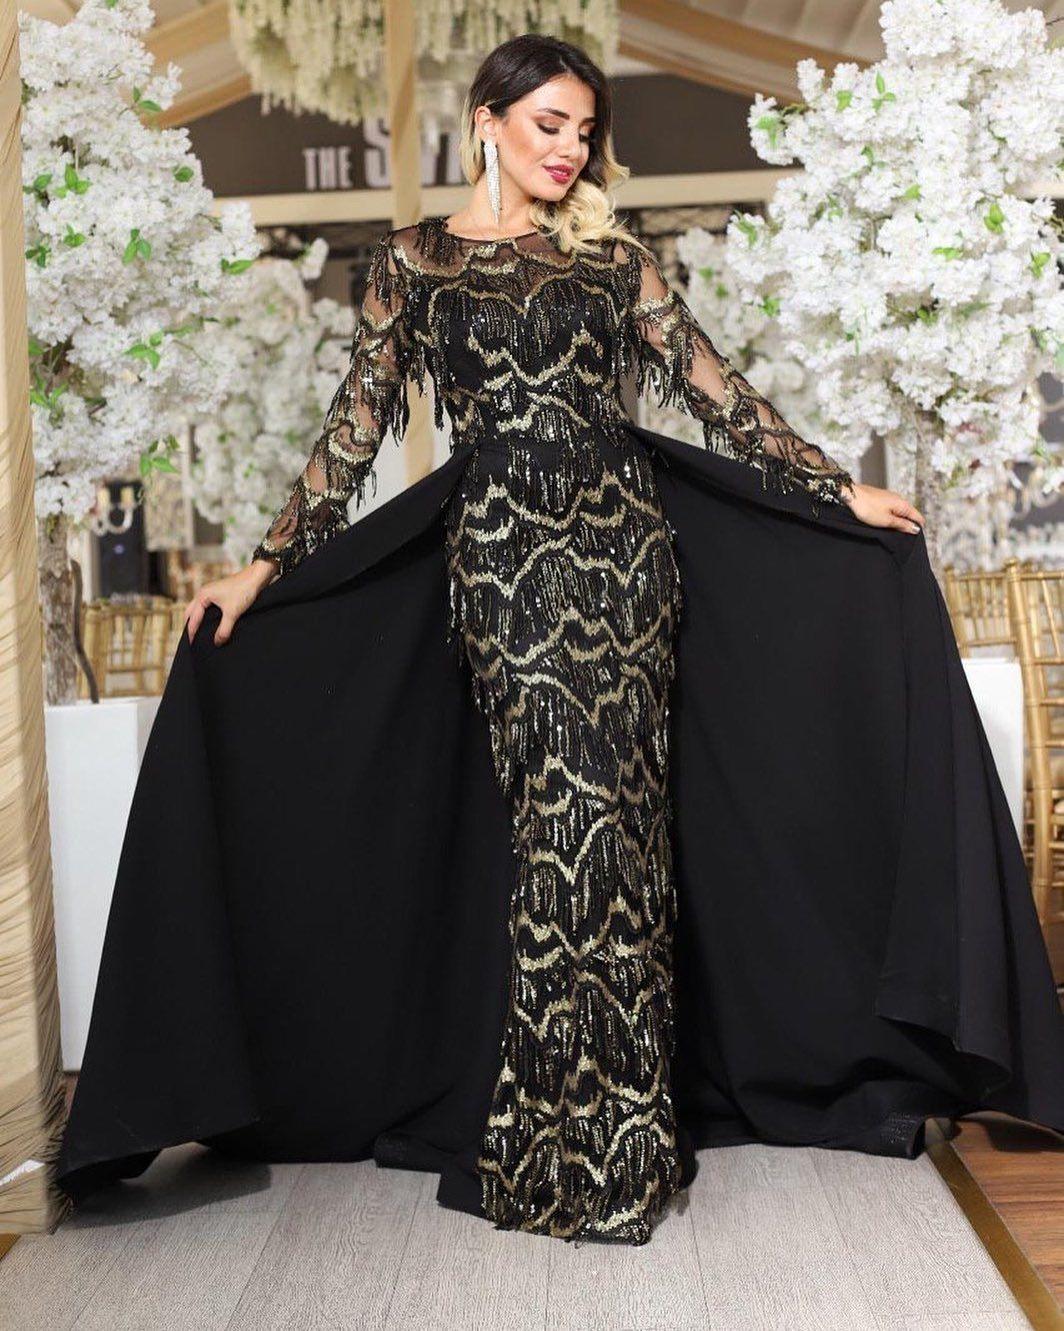 20 Spektakulär Abend Kleider Freiburg Boutique15 Elegant Abend Kleider Freiburg für 2019